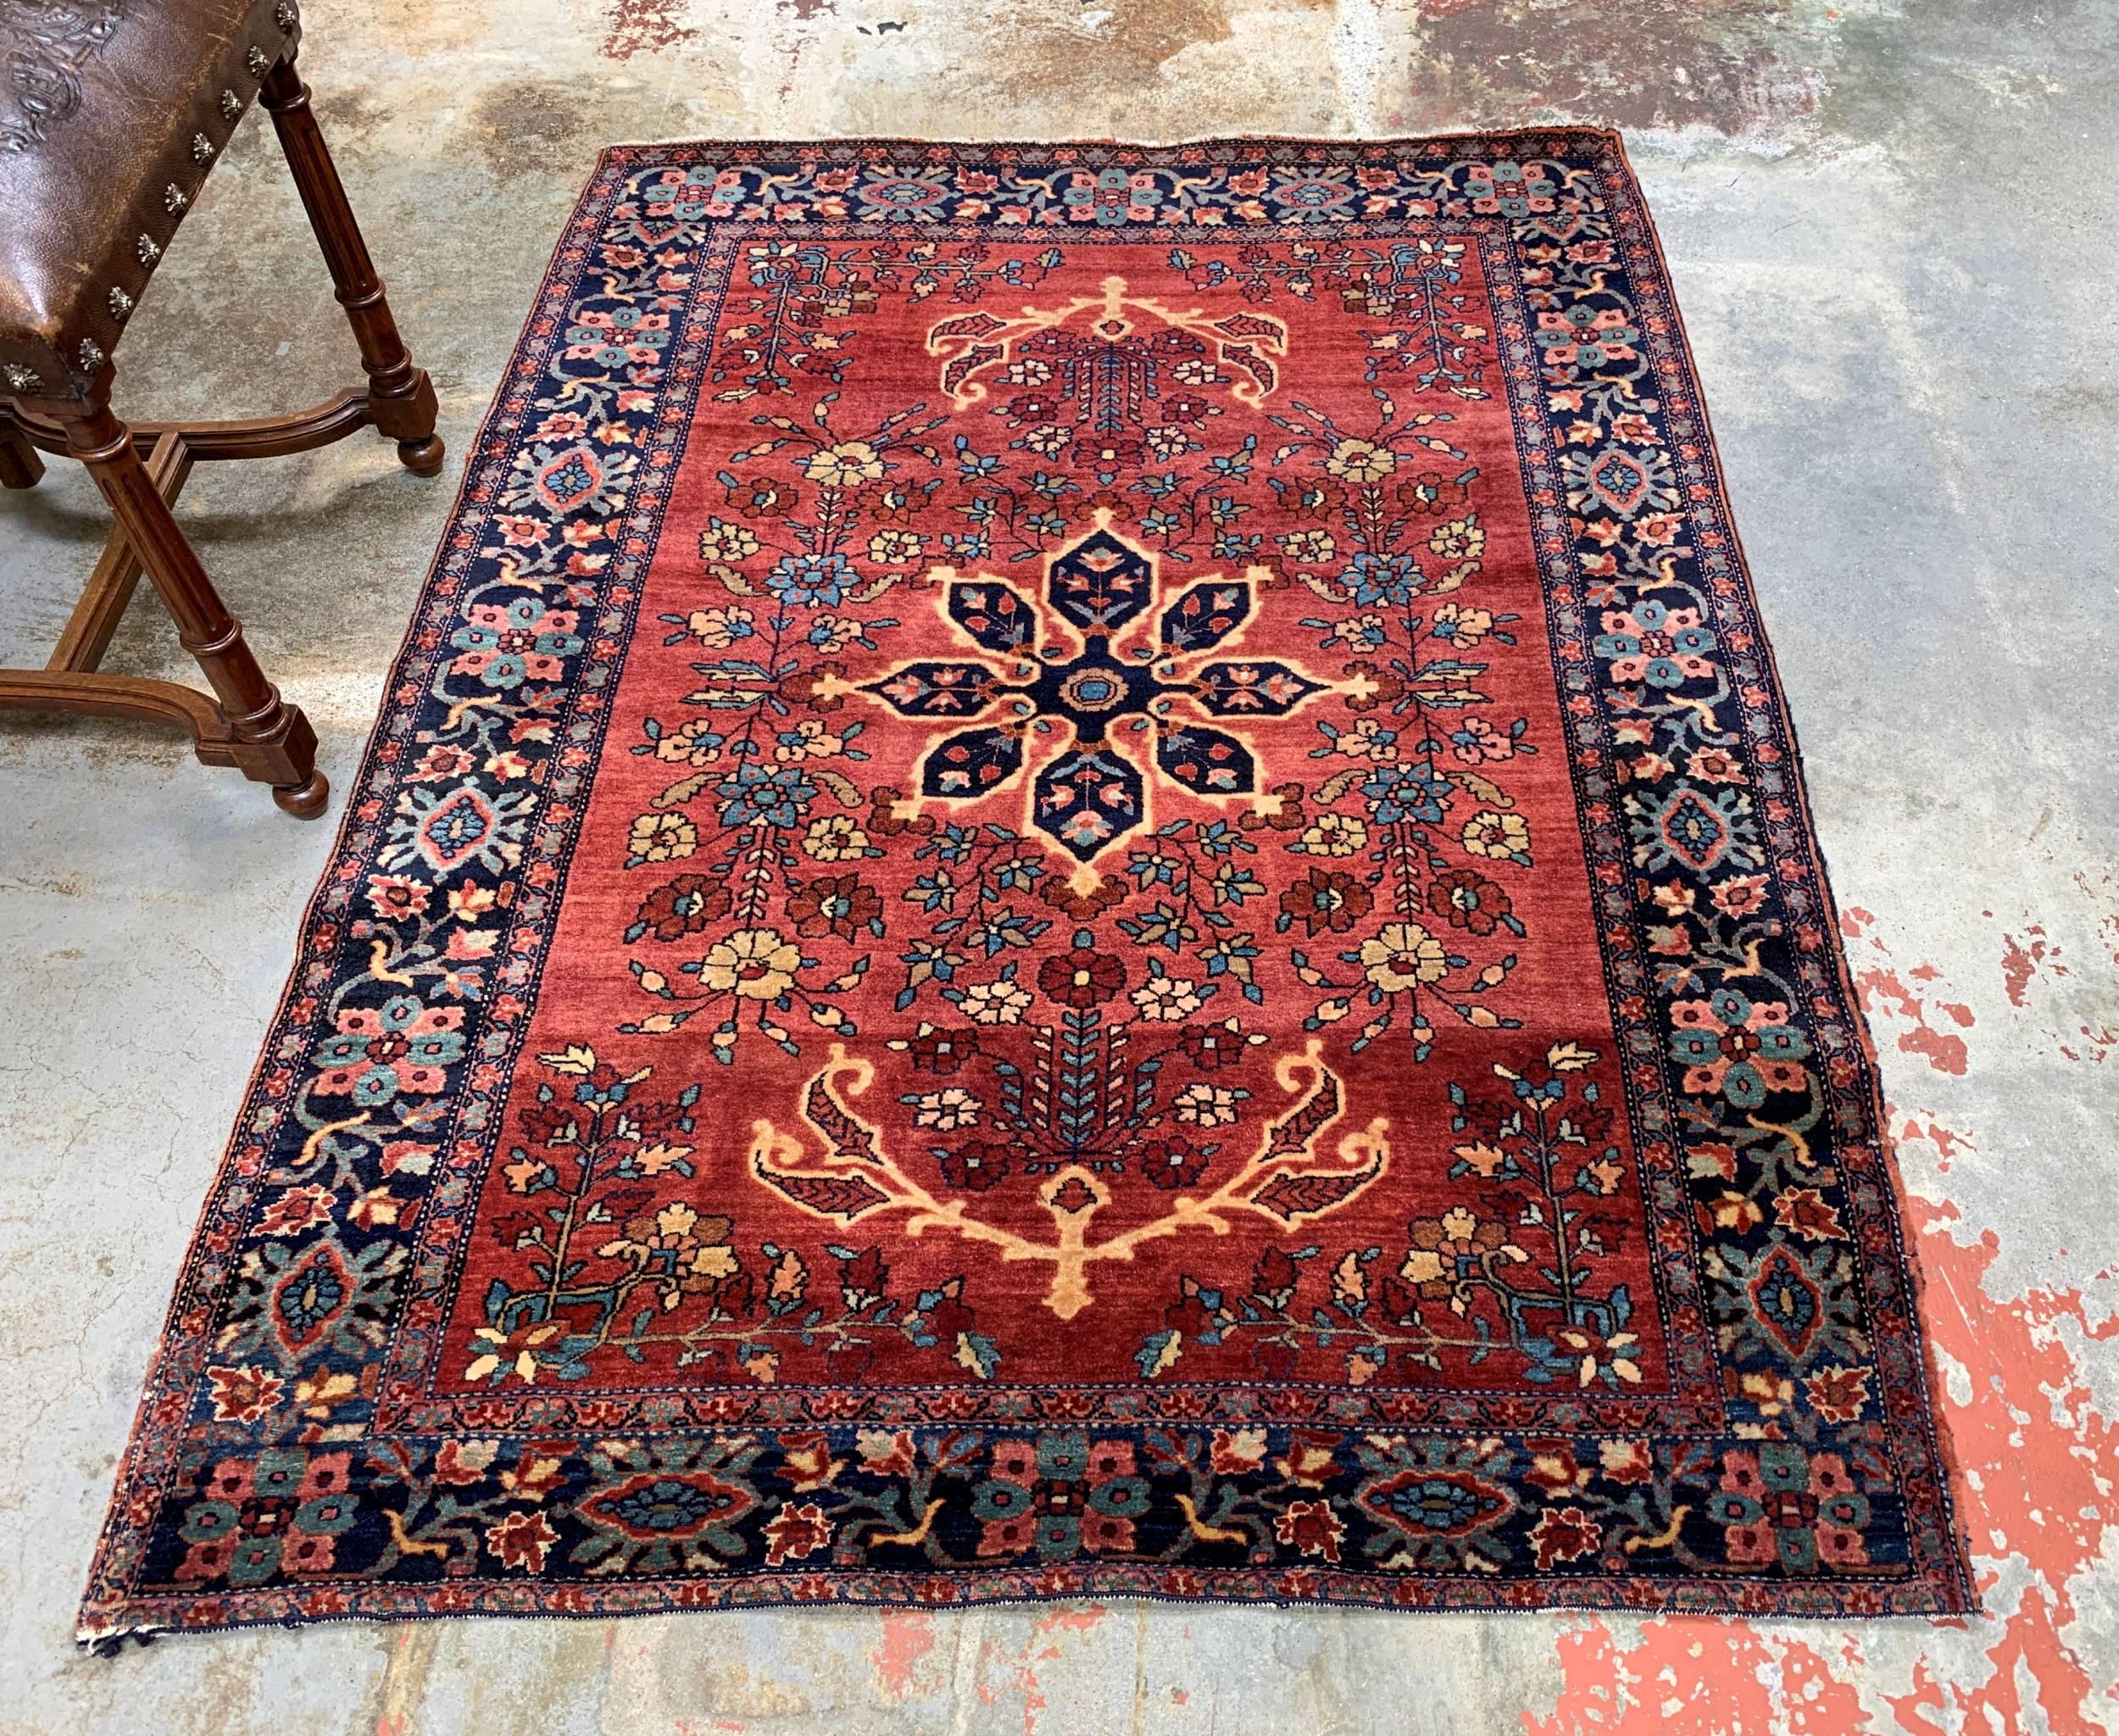 Antique Farahan Sarouk Persian Rug 4x5